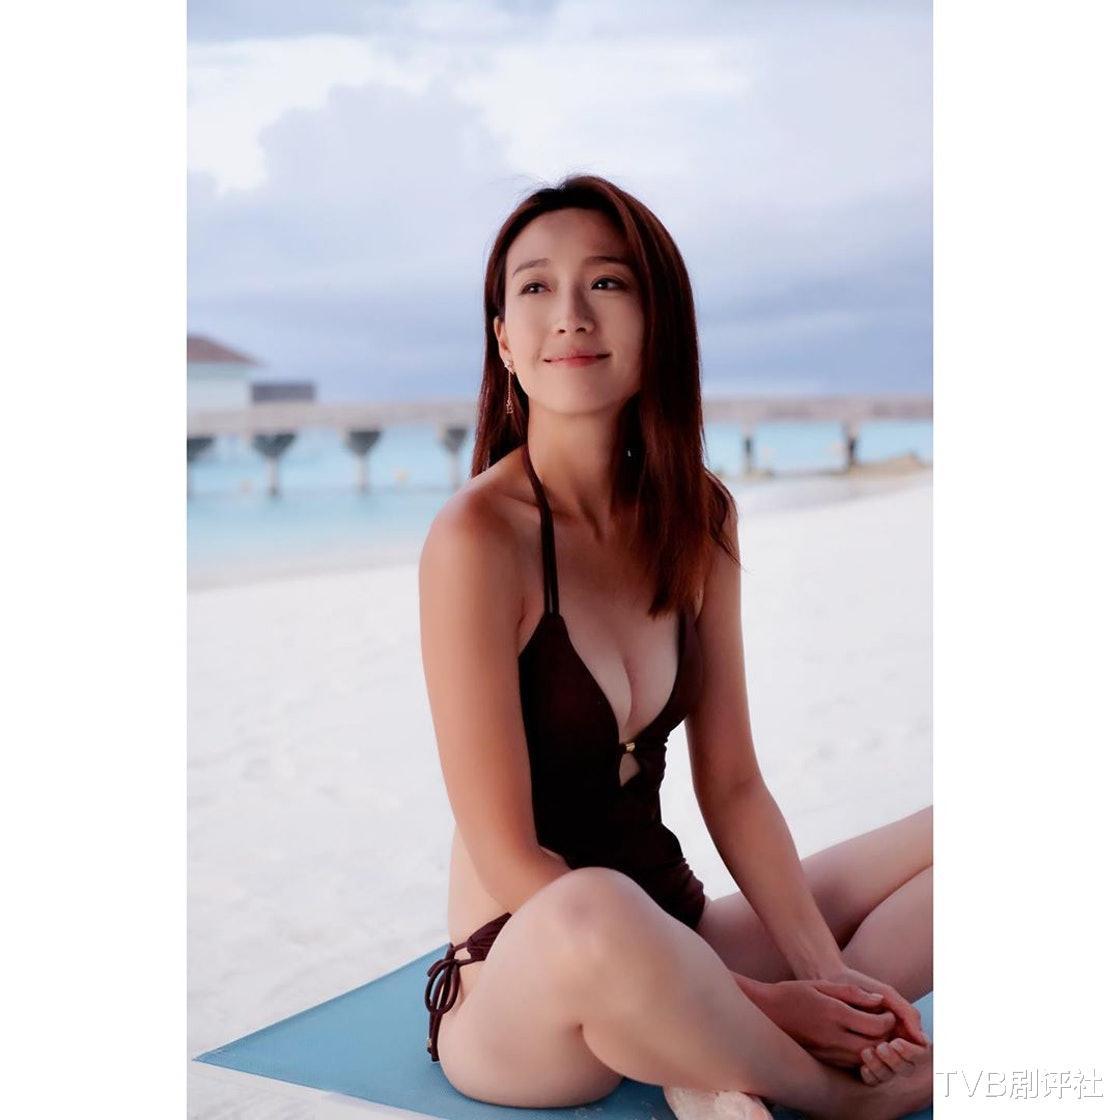 TVB開拍拳擊劇,與八年前劇同名同題材,網友:連劇名都懶得想-圖8